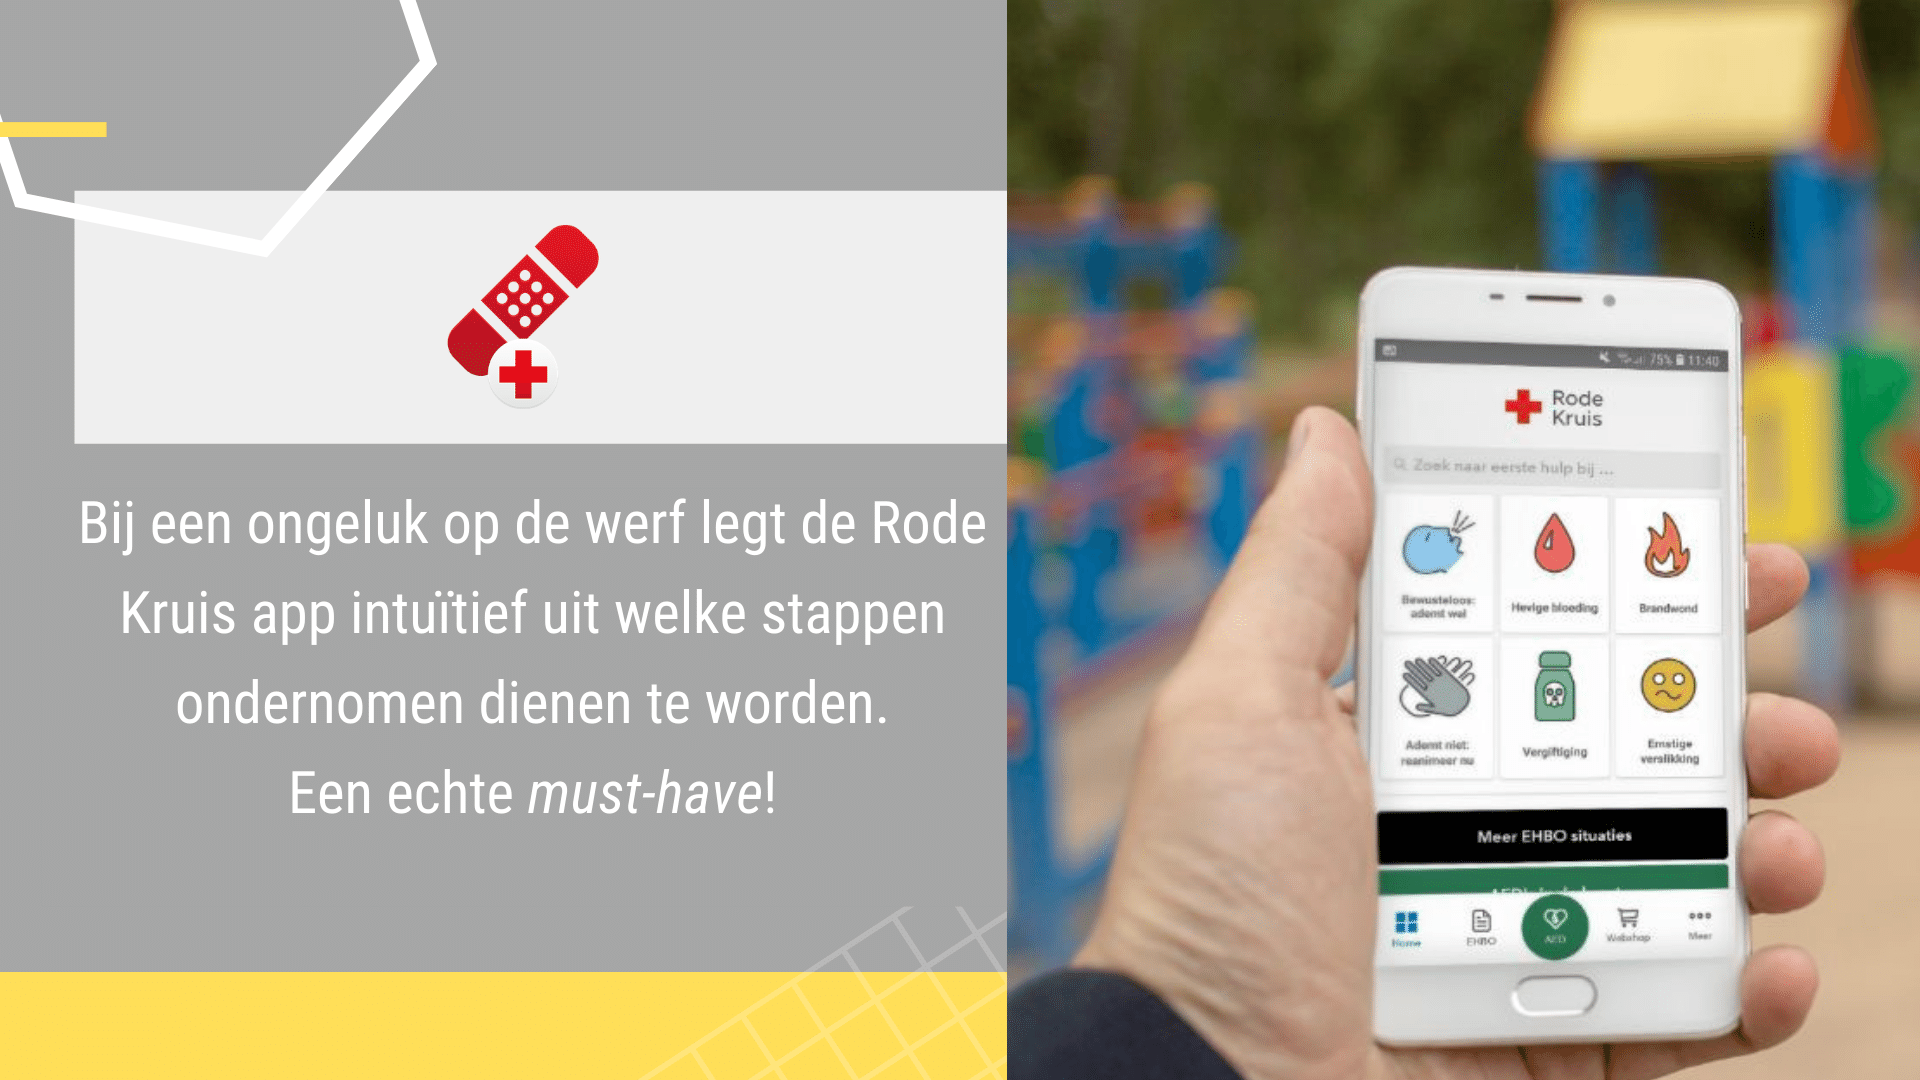 17 Eenvoudige Gratis Apps voor de Bouw - Rode Kruis App | ArchiSnapper